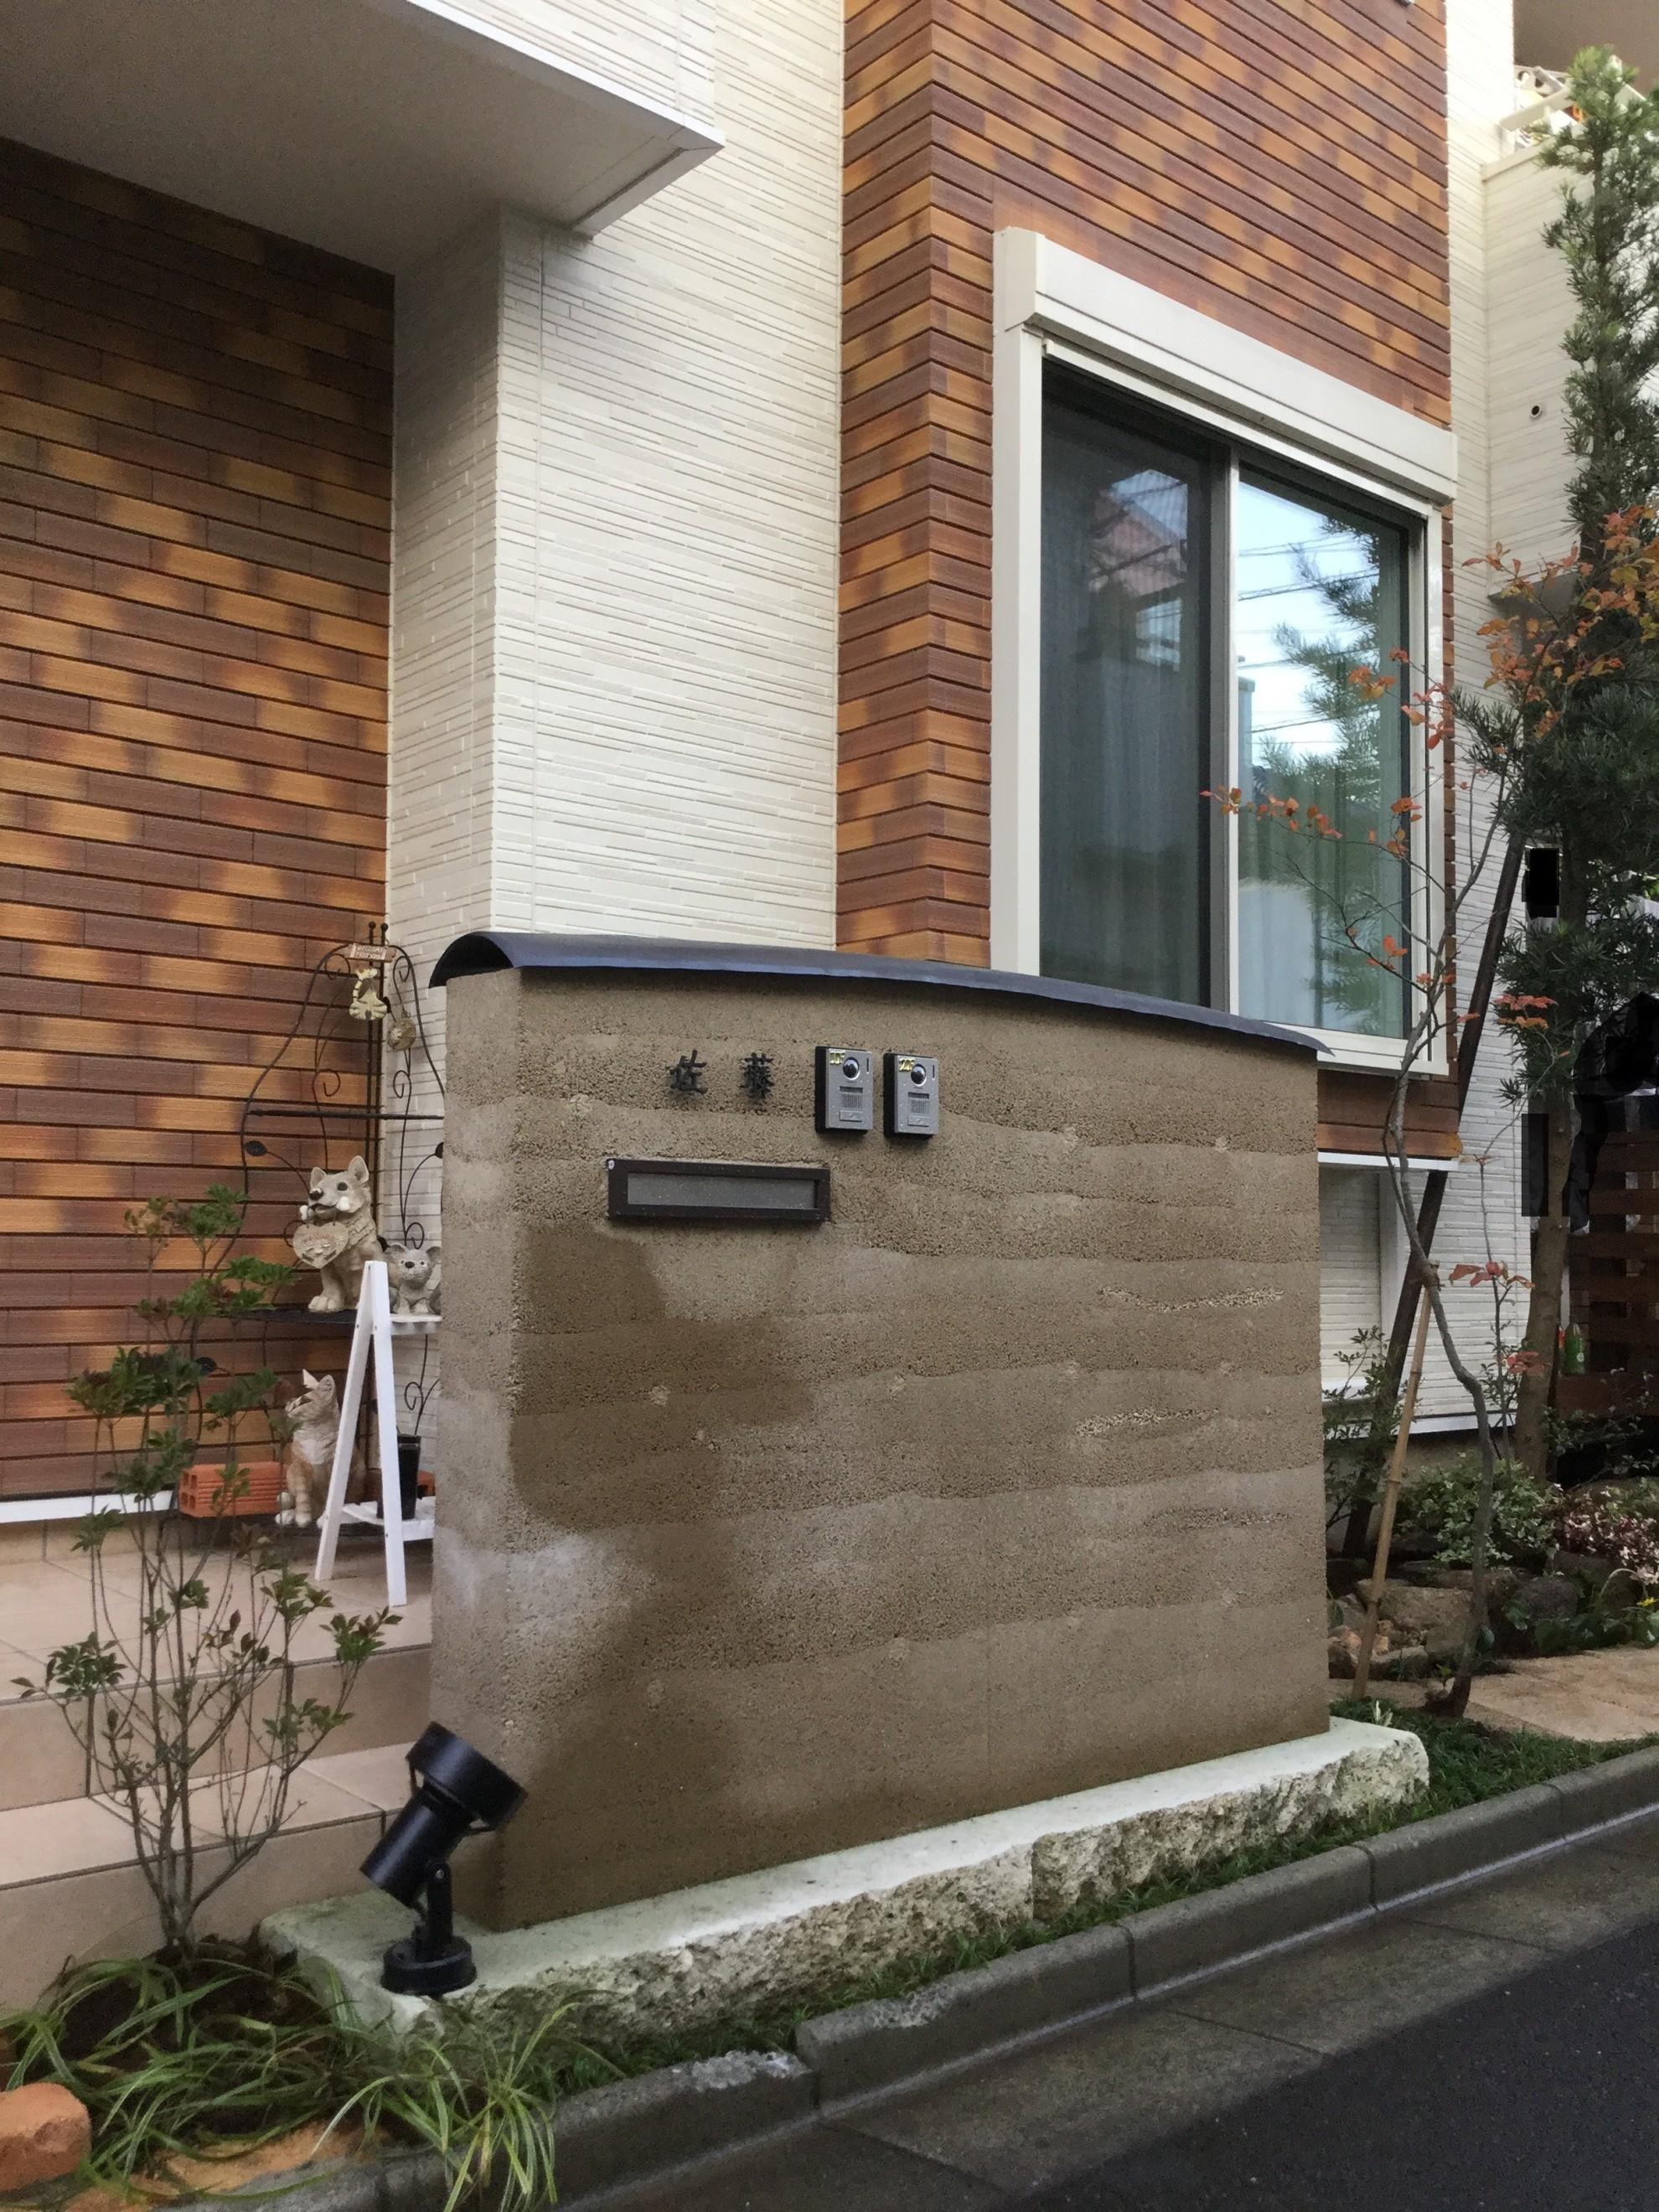 版築塀とアイアン屋根の門柱の庭 埼玉県(三芳町)-3